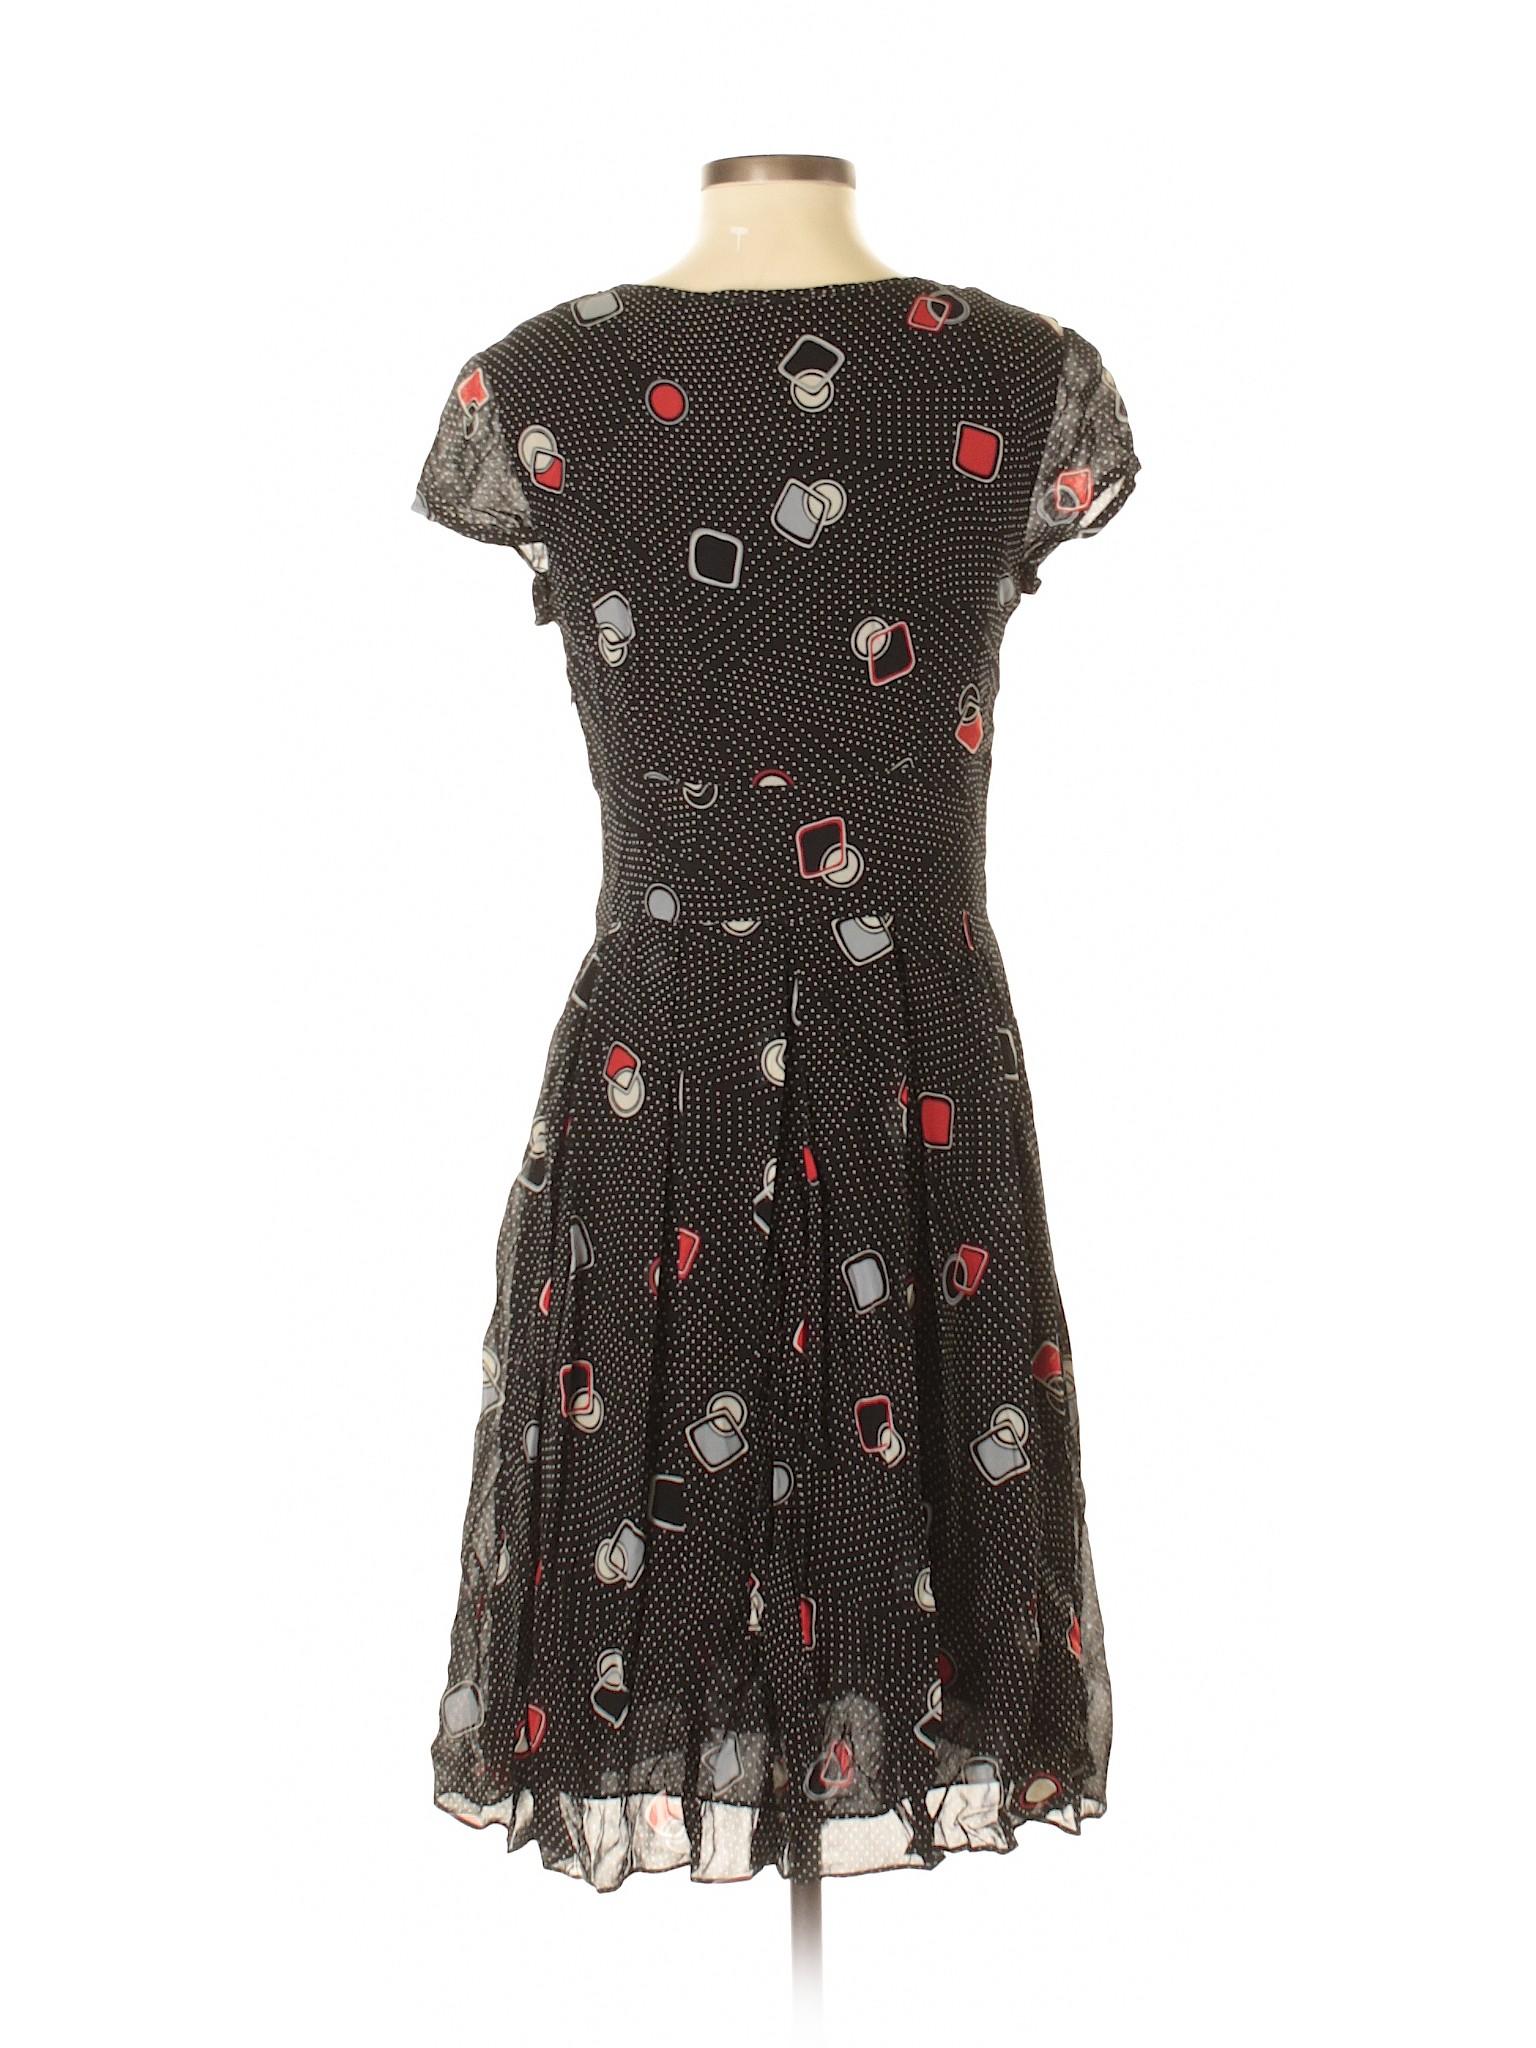 Dress Boutique Boutique winter Boutique Casual Casual Mica winter Casual Dress winter Mica Mica IwOfqpC